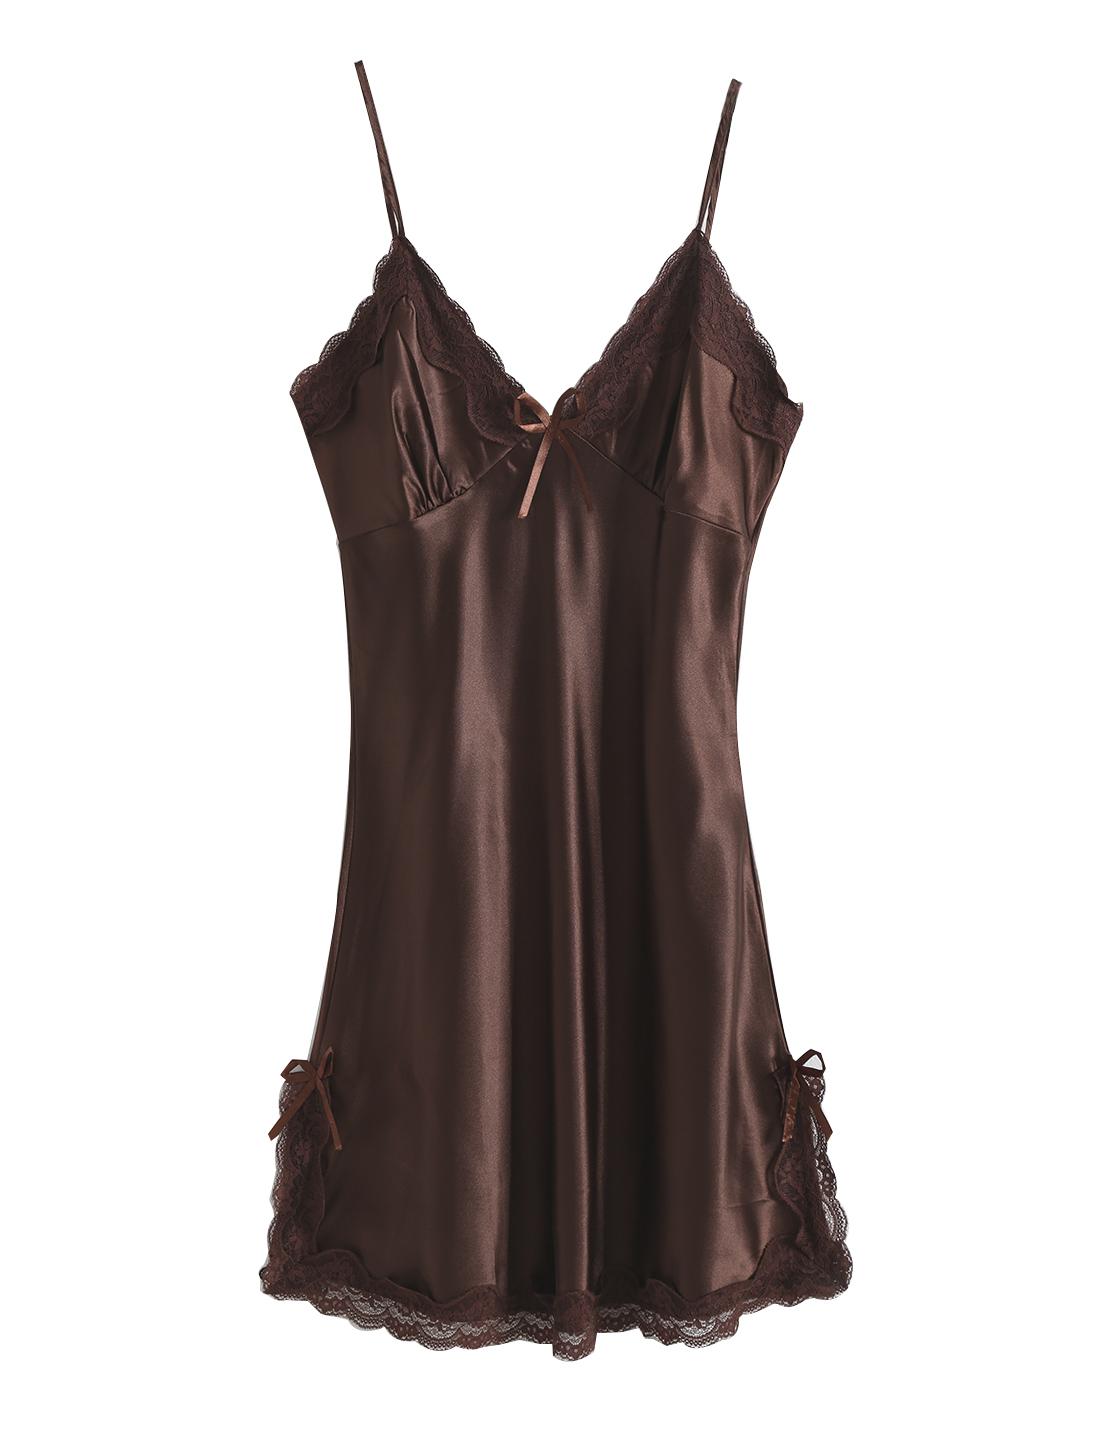 Women Satin Lace Trim Sleepwear Nightgown Pajama Slip Dress Coffee-Lace XXL